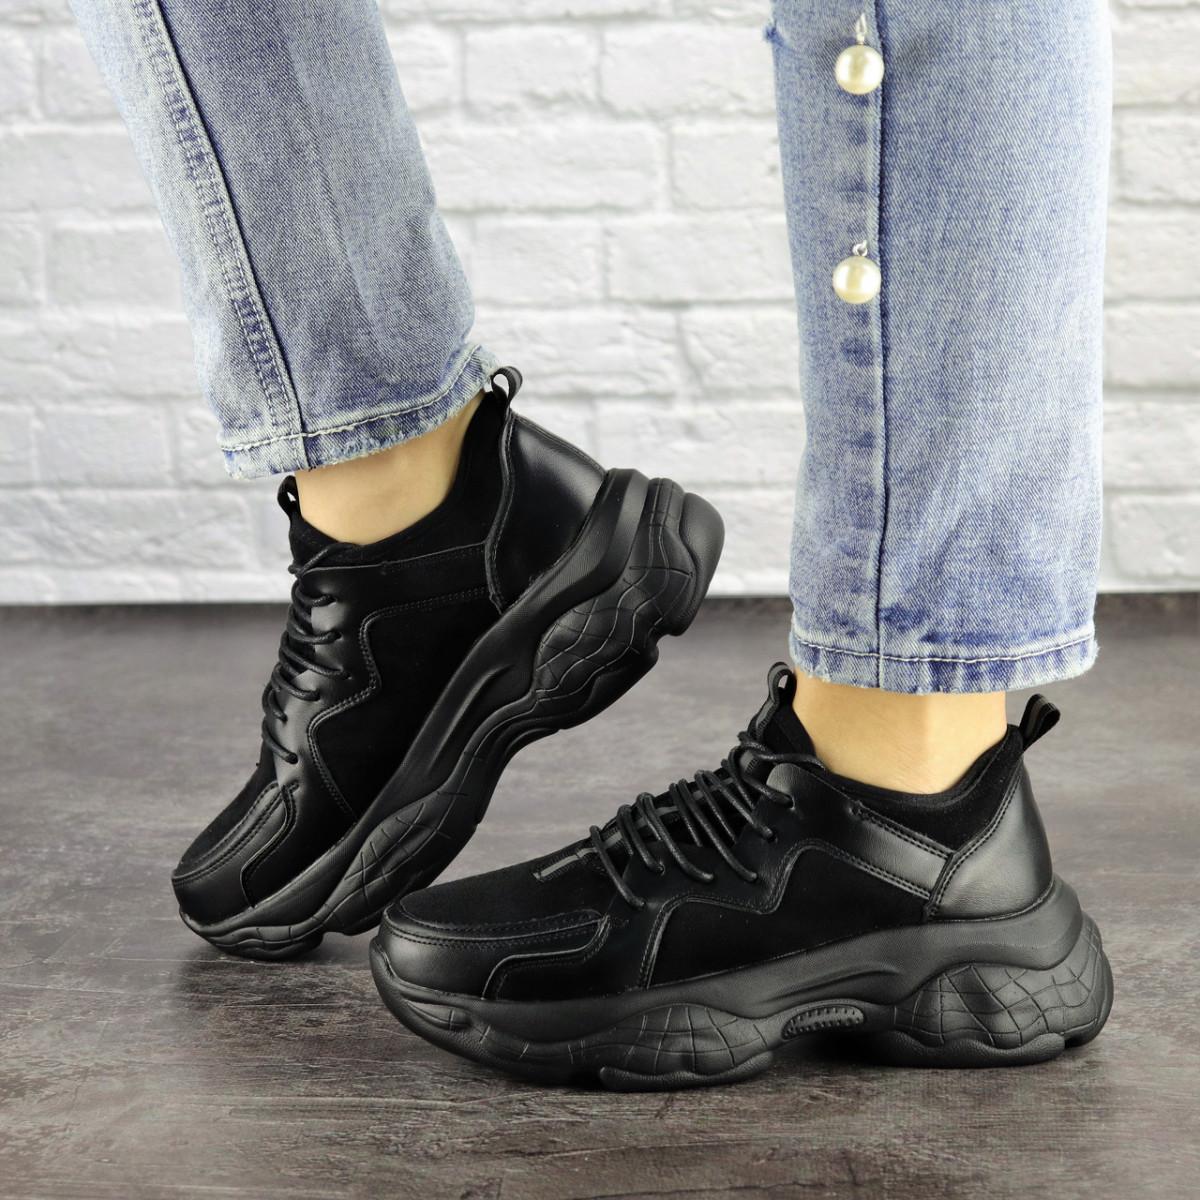 Жіночі кросівки Fashion Isabella 1501 36 розмір 23 см Чорний